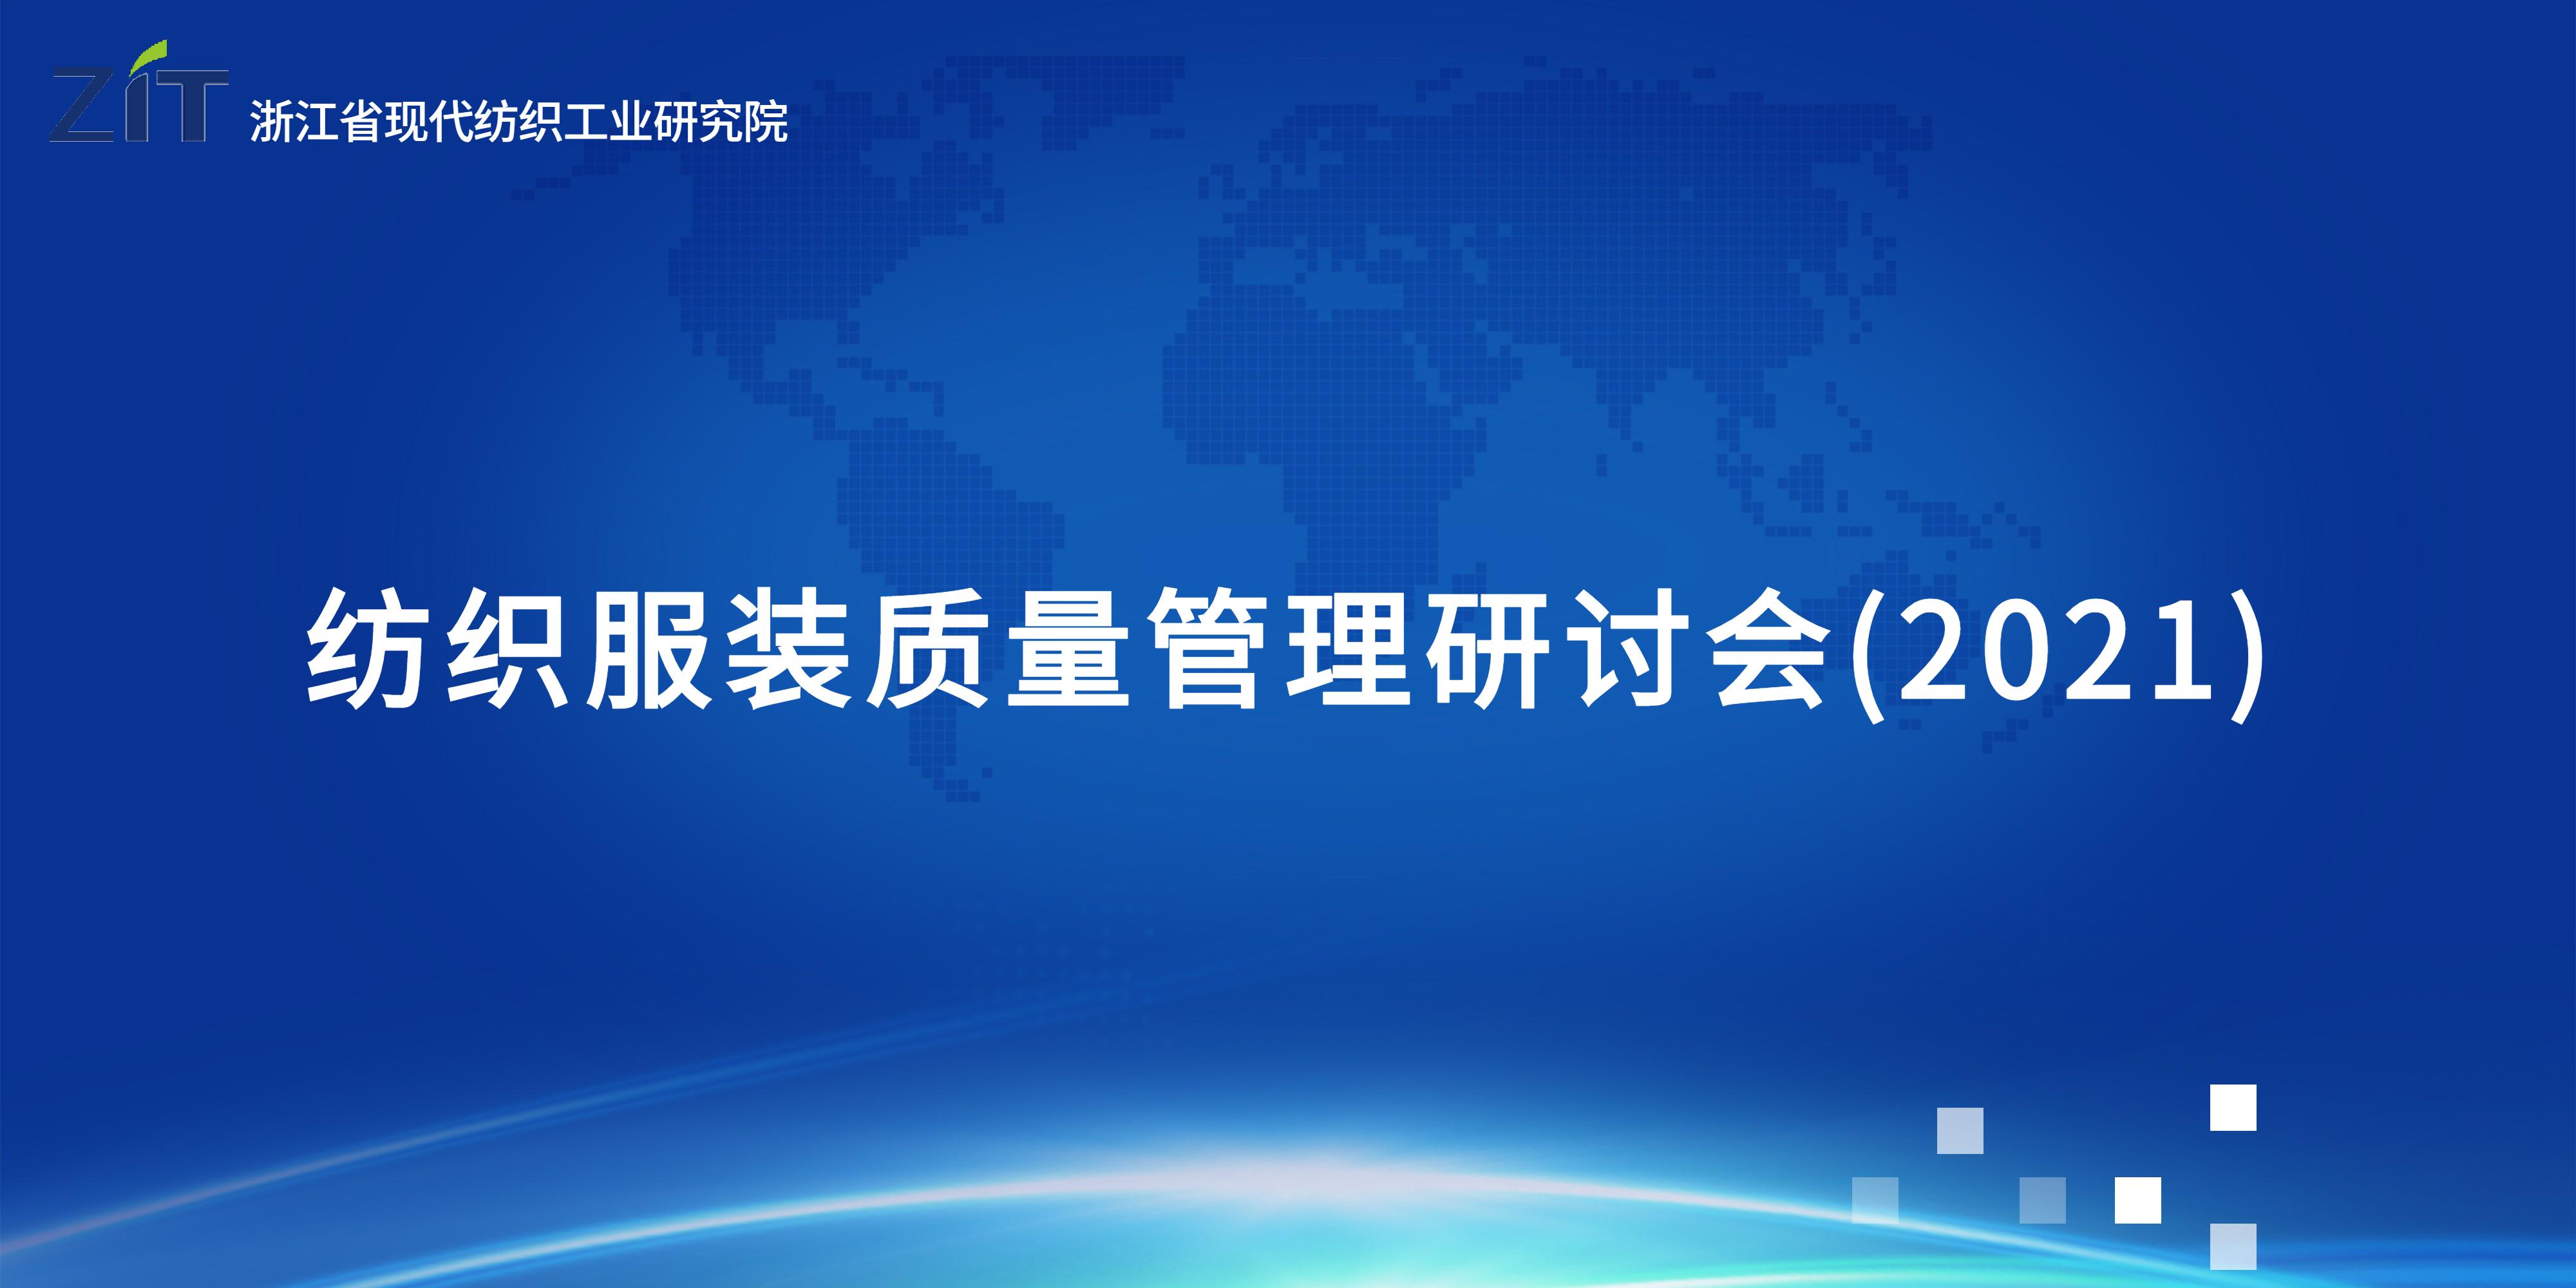 恒祥检测第39期纺织服装质量研讨会顺利召开!